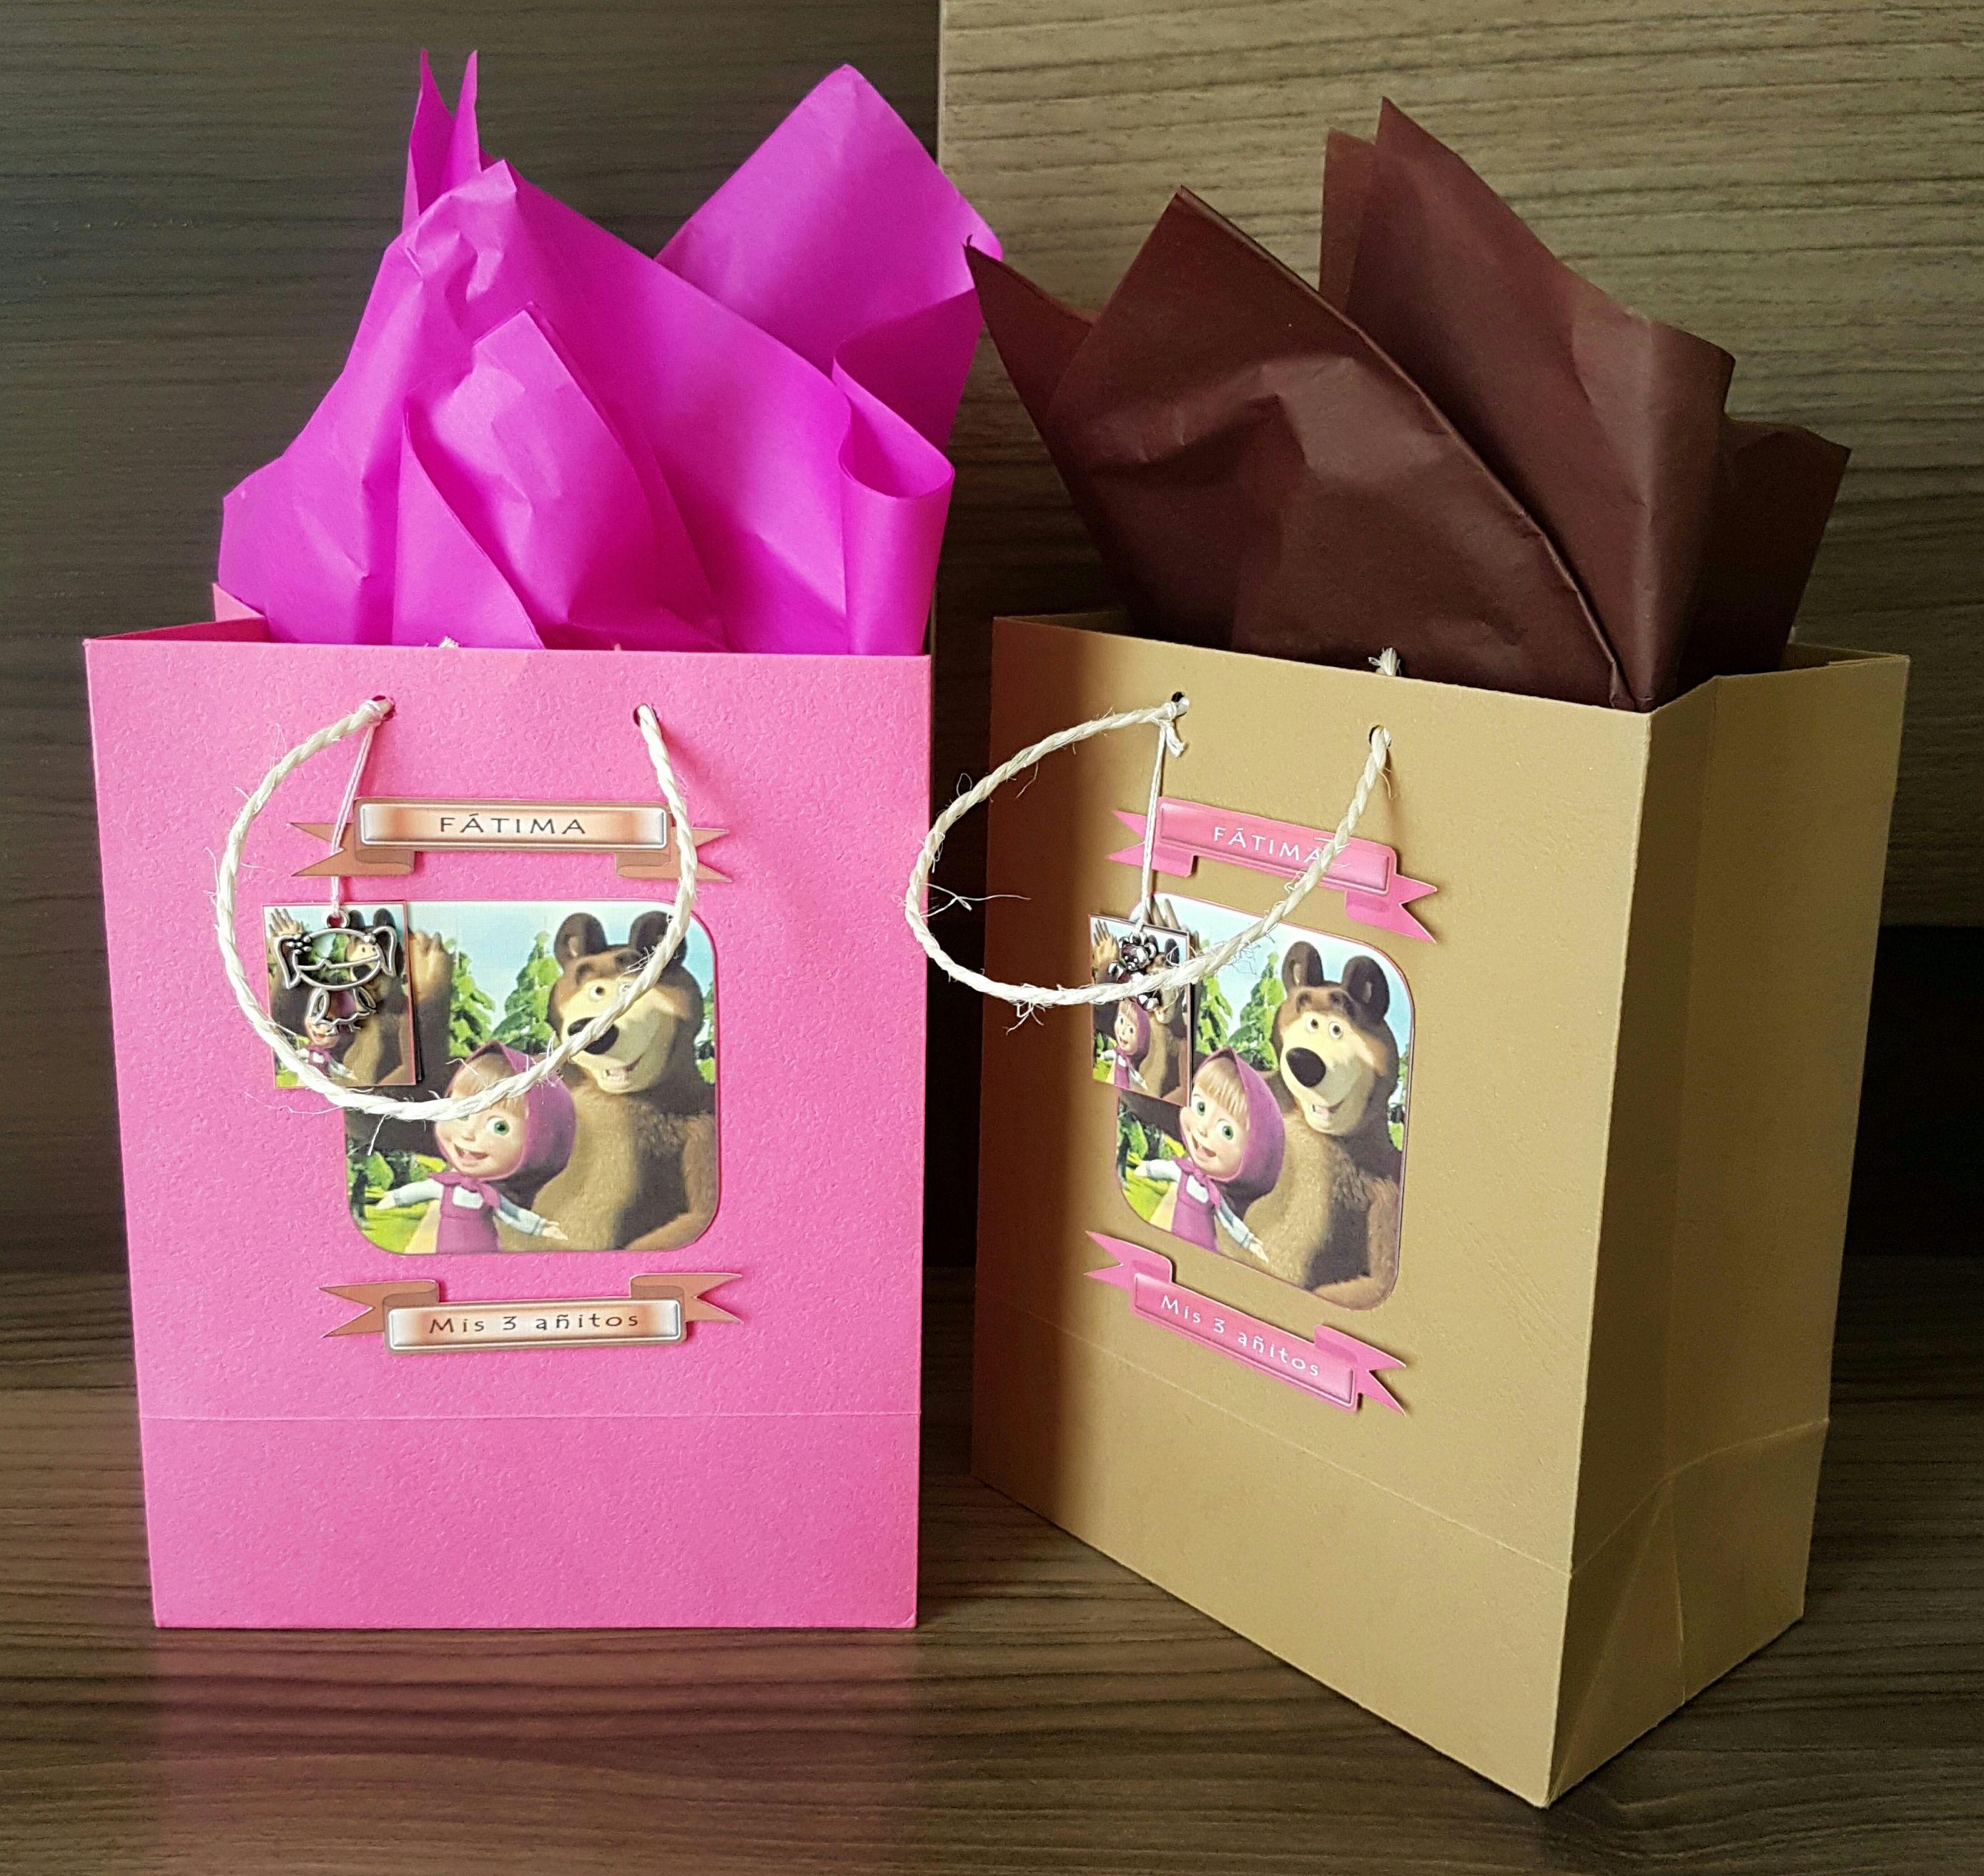 1a1d6fb5f Masha y el oso Invitaciones Para Fiestas Infantiles, Invitaciones De  Cumpleaños, Bolsas De Bolos